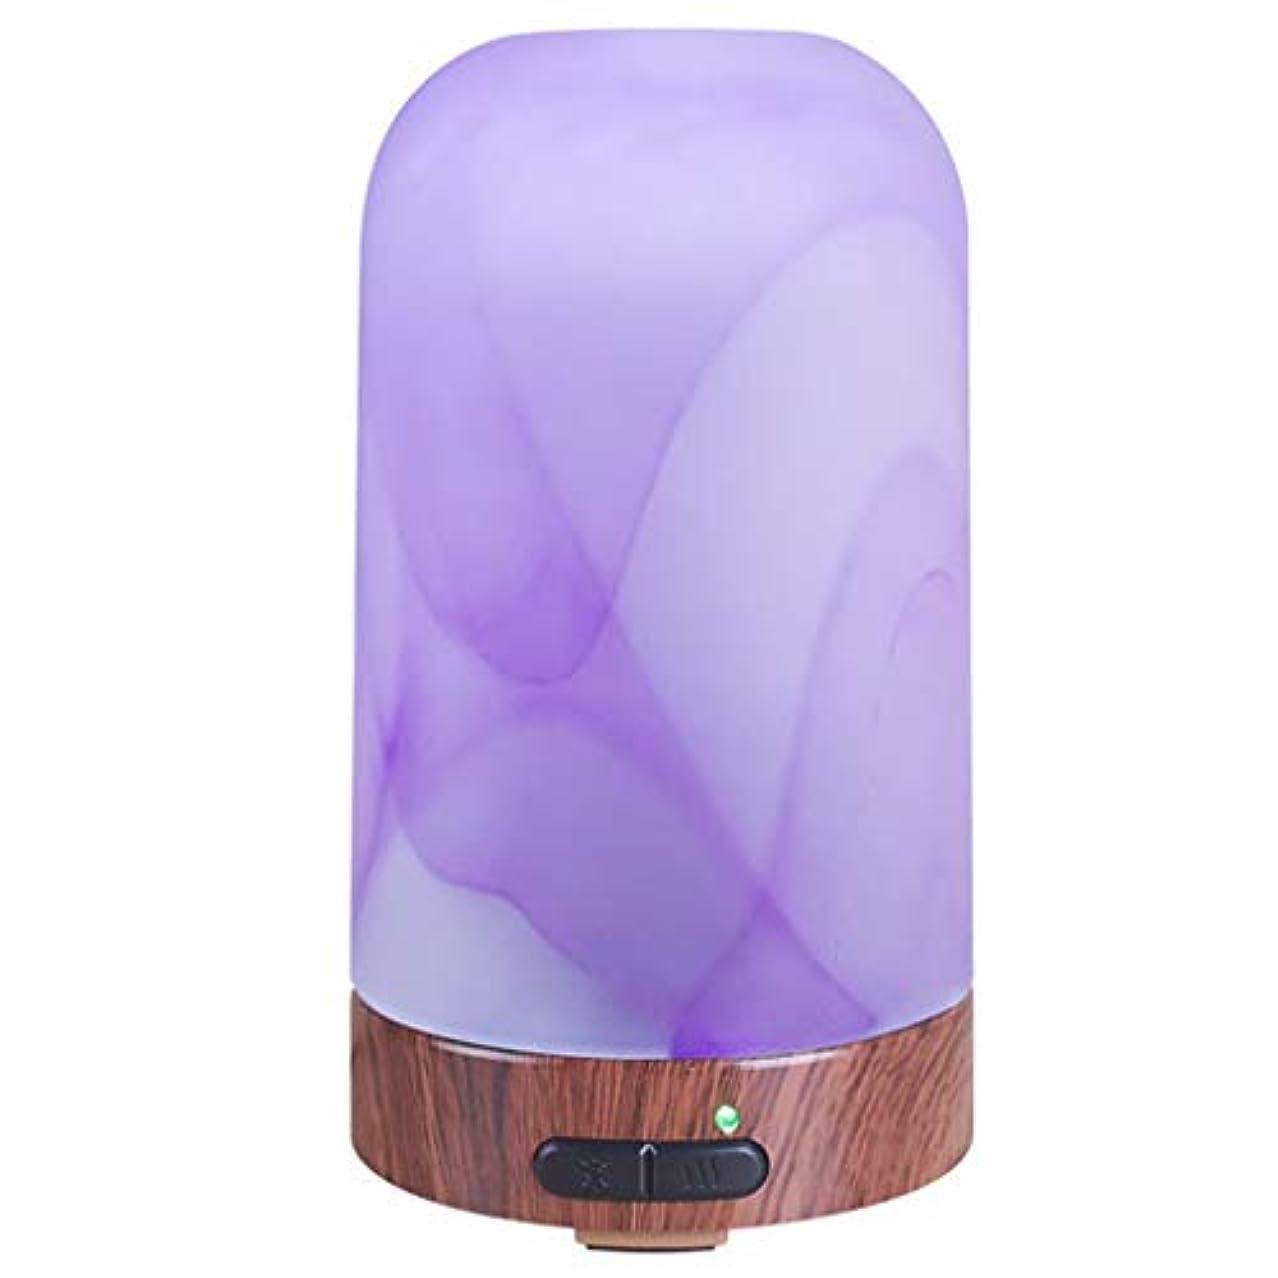 チューブ順番アブストラクトアロマセラピーエッセンシャルオイルディフューザー、ウッドグレインアロマディフューザークールミスト加湿器付きナイトライトウォーターレスオートシャットオフホームオフィスヨガ (Color : Purple)